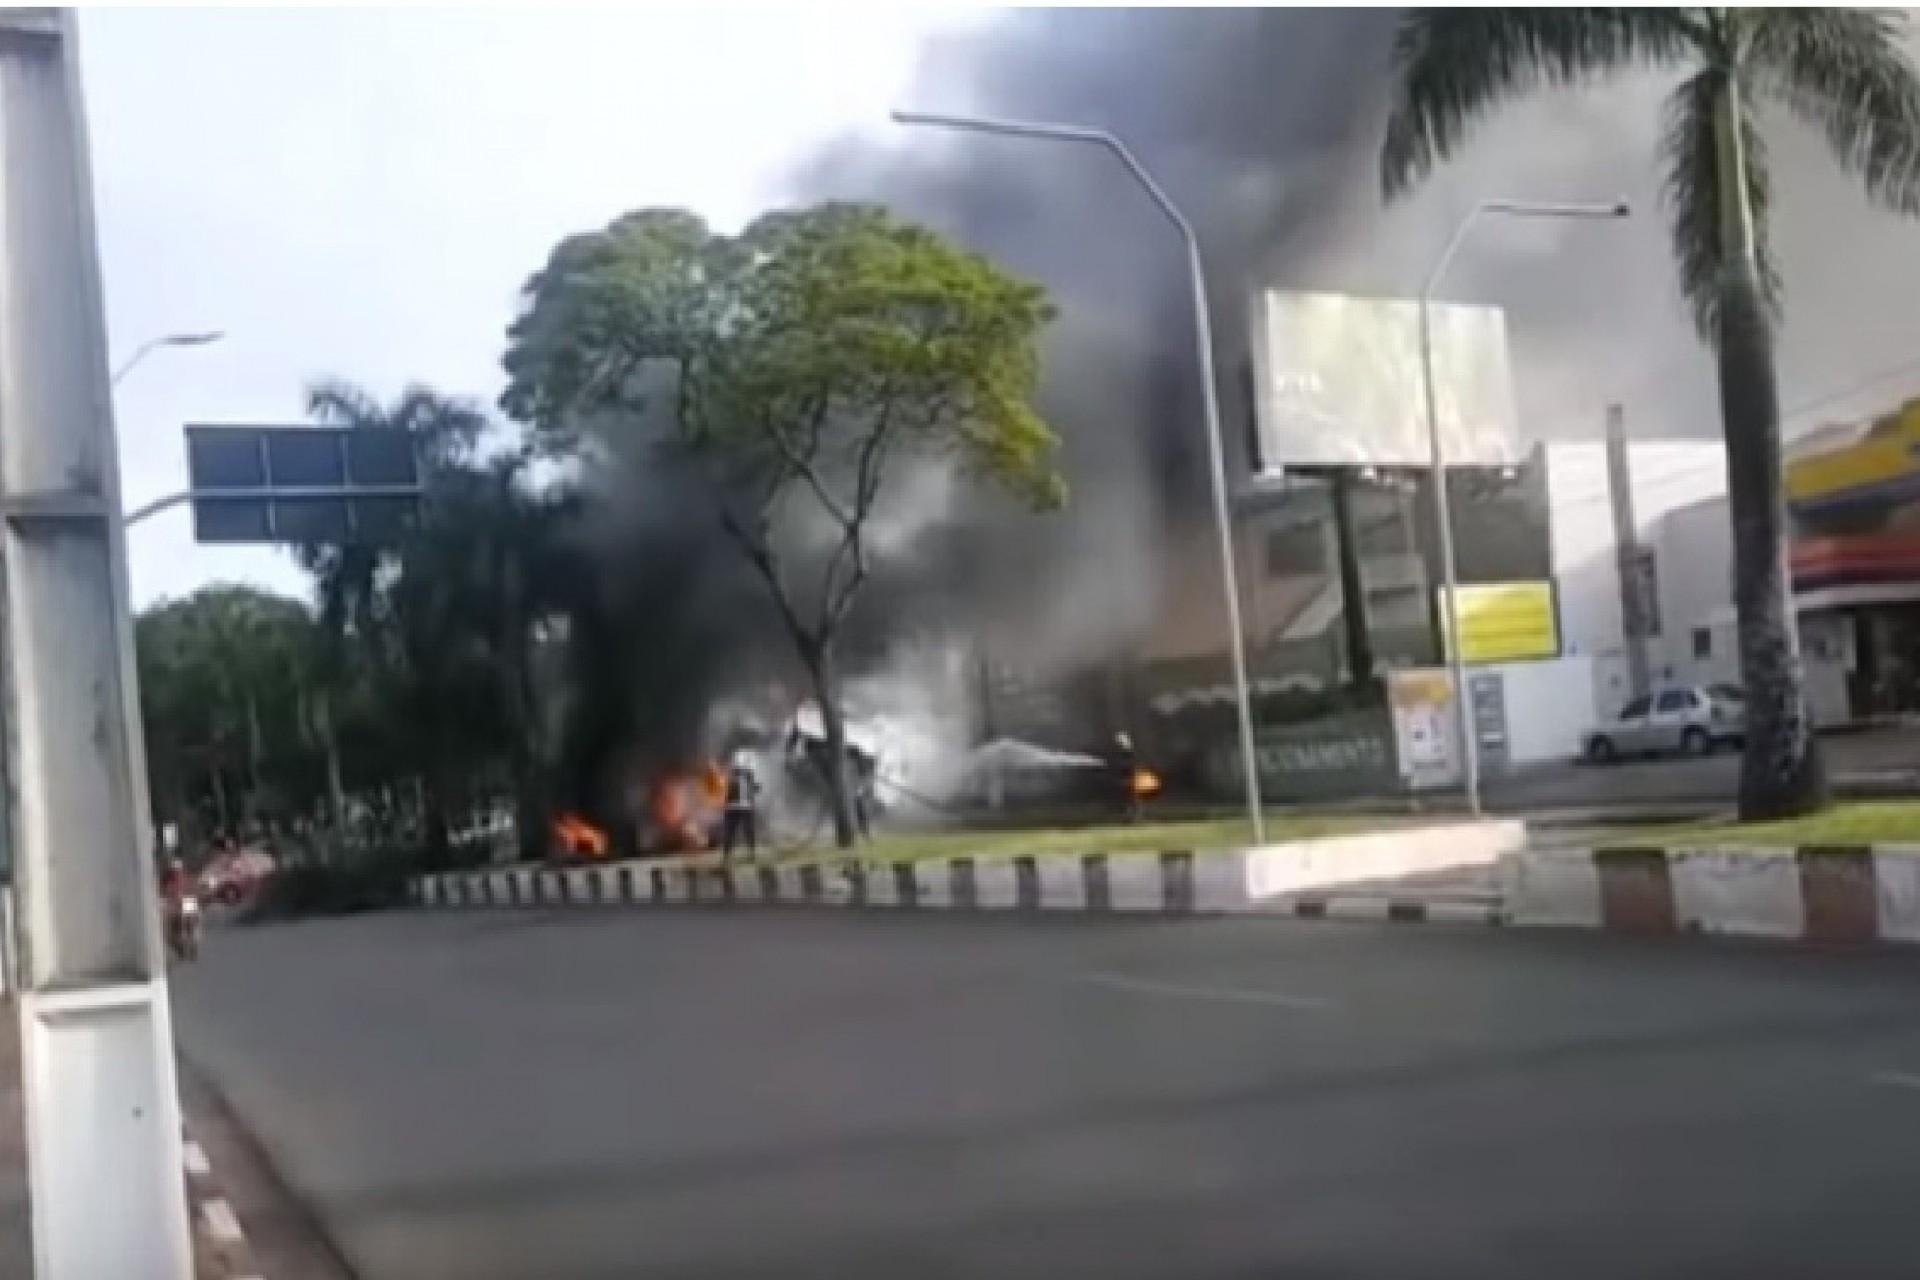 Caminhão passa por cima de veículos e explode em grave acidente em Foz do Iguaçu